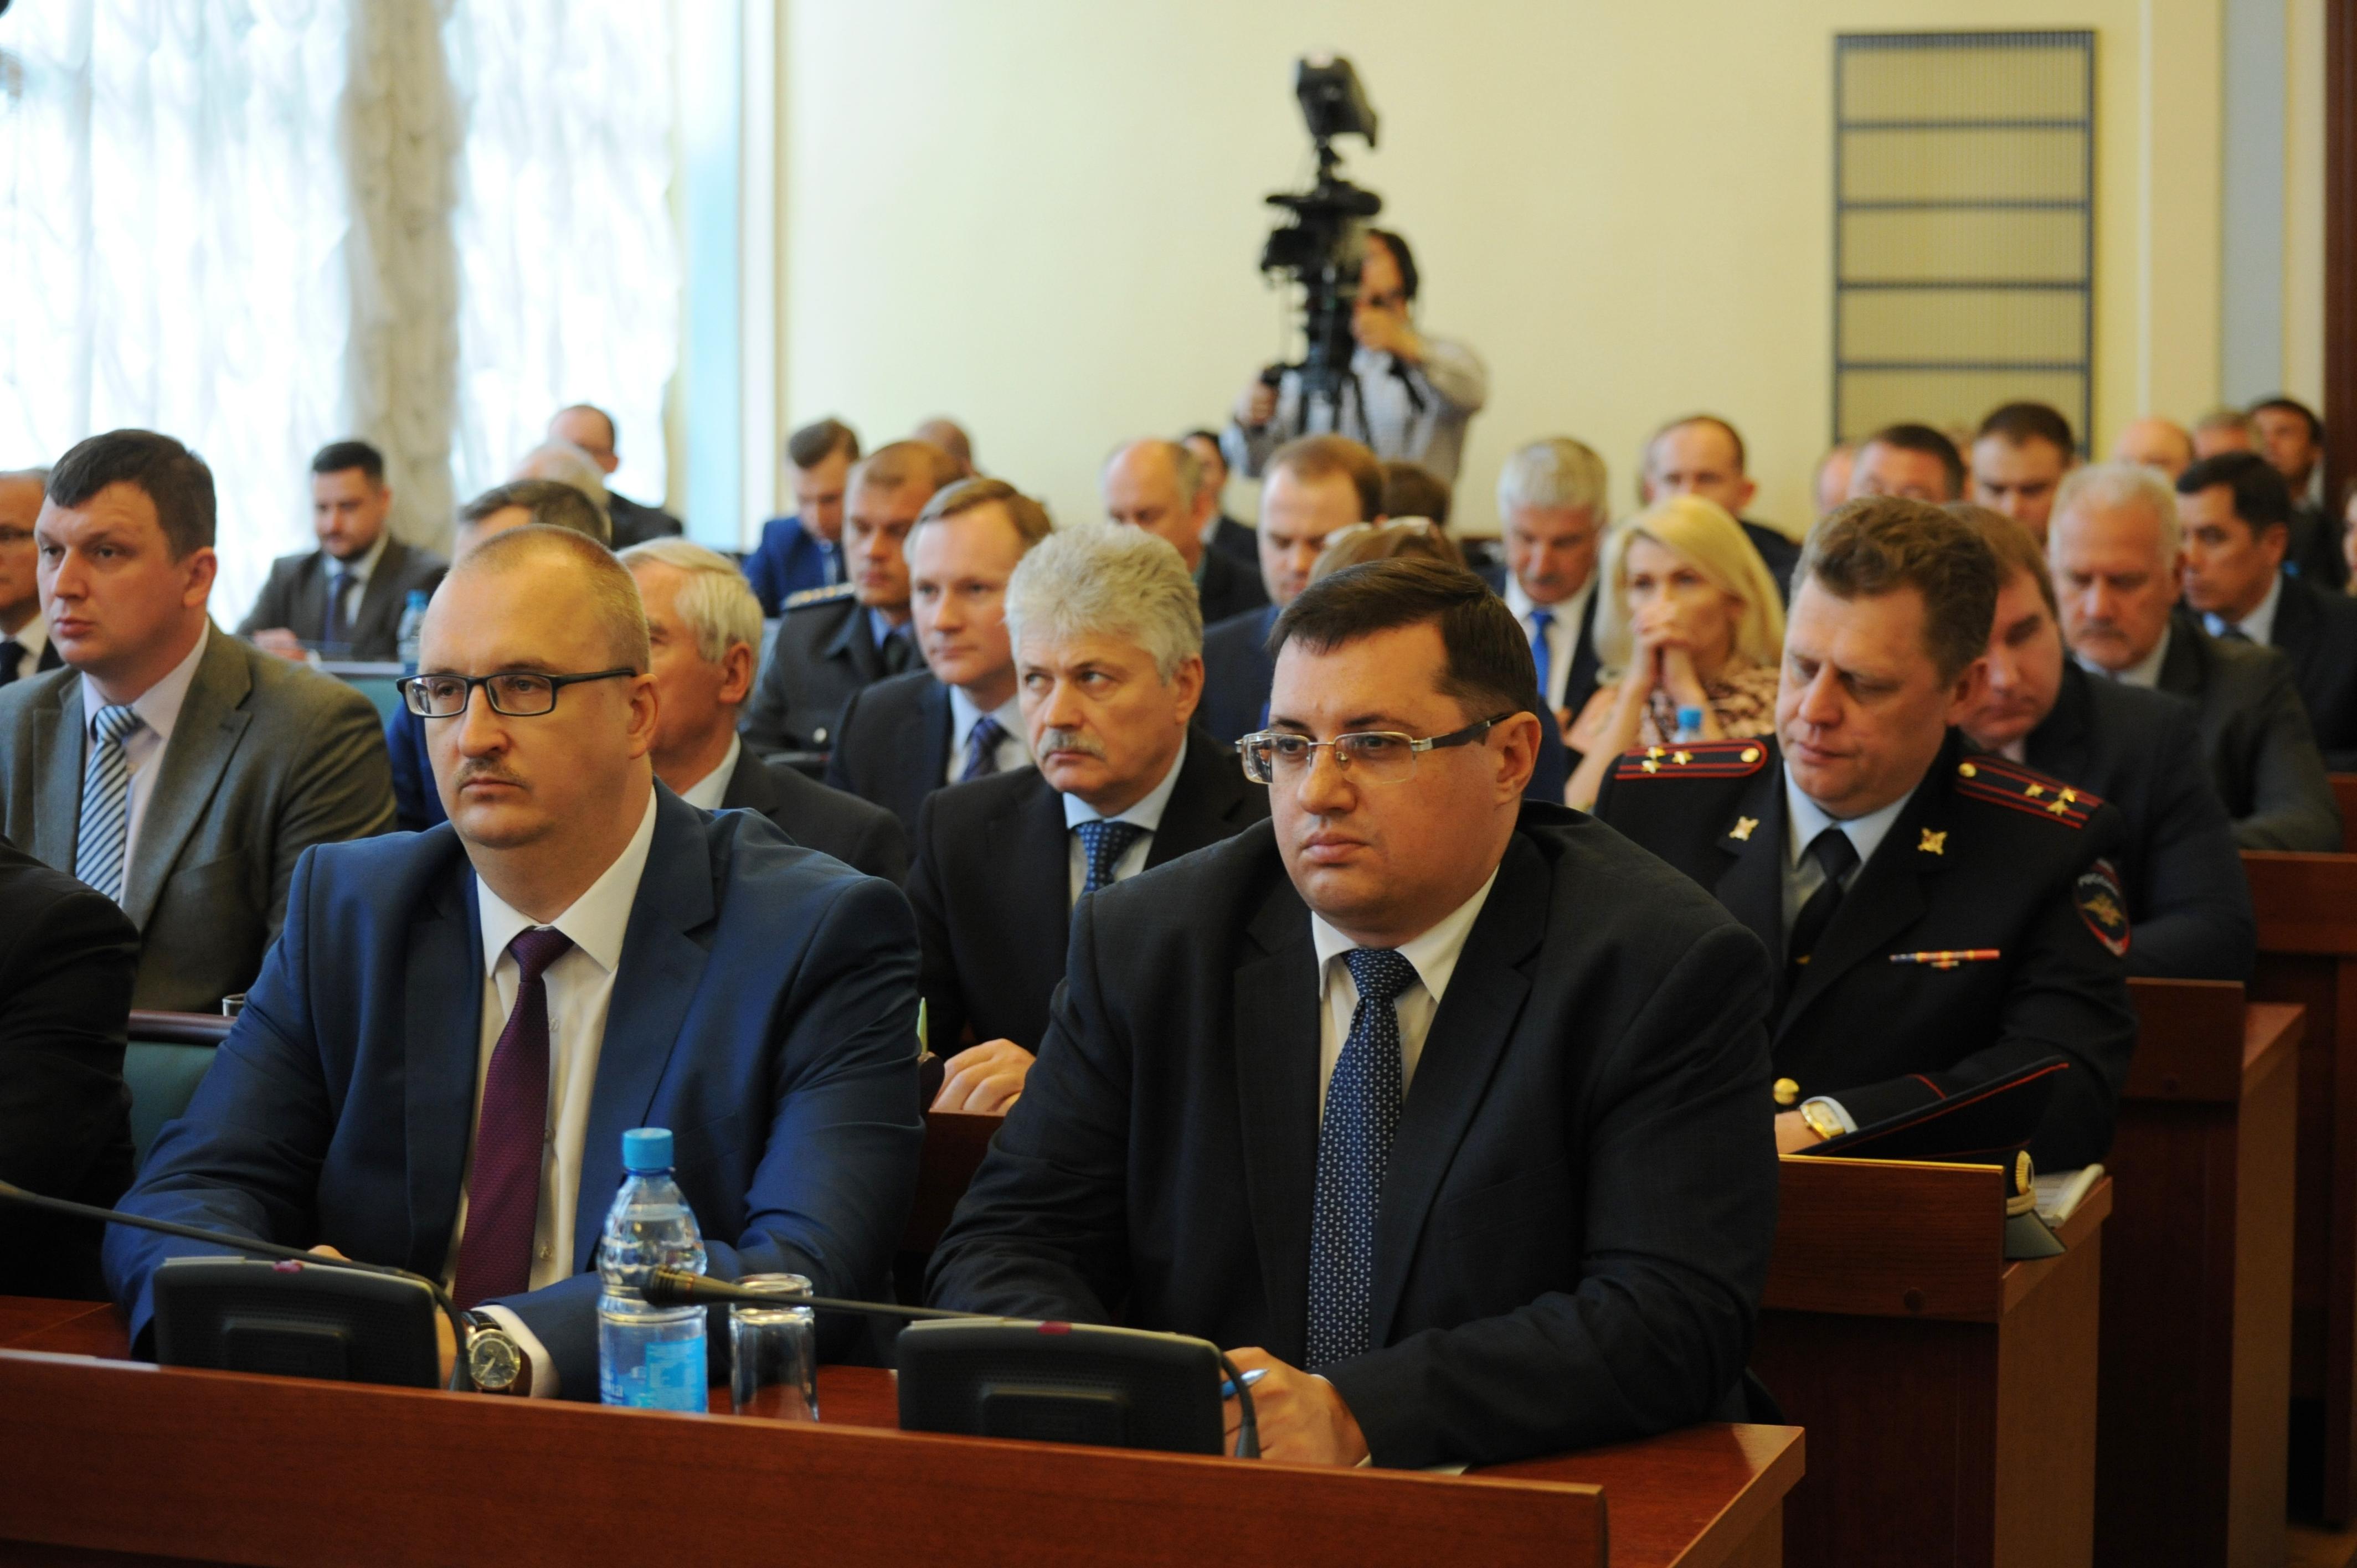 На заседании областного правительства обсудили вопросы убыточных предприятий и поддержки малого и среднего бизнеса